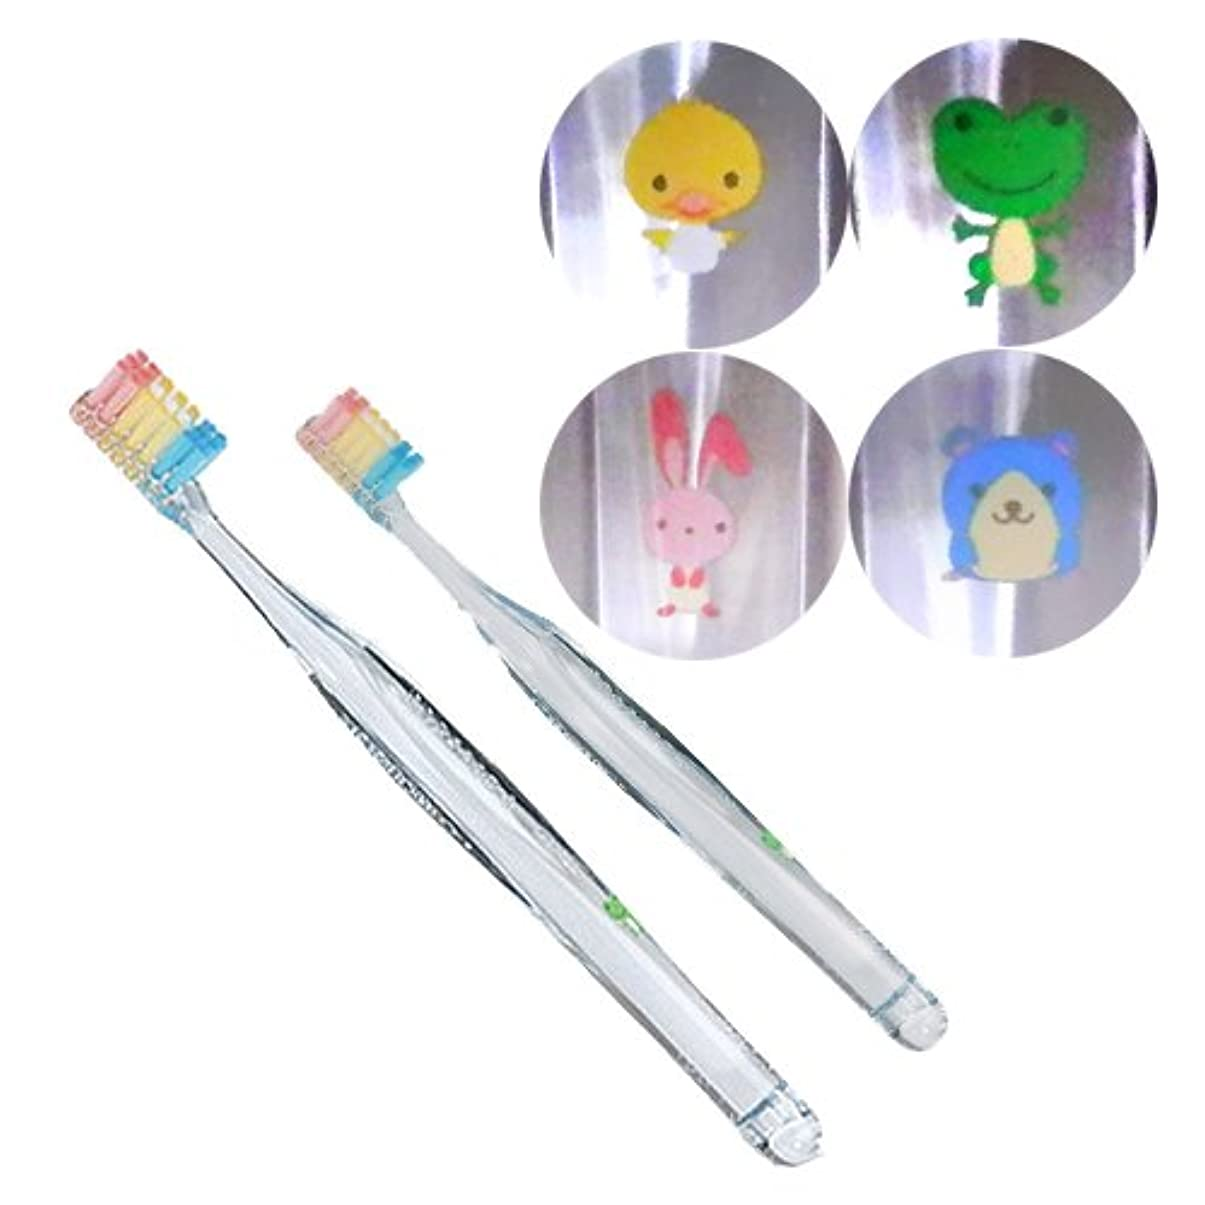 しょっぱいアライメント勉強するプロスペックプラスフォーレッスン歯ブラシ1本タイニー/スモール (タイニー)